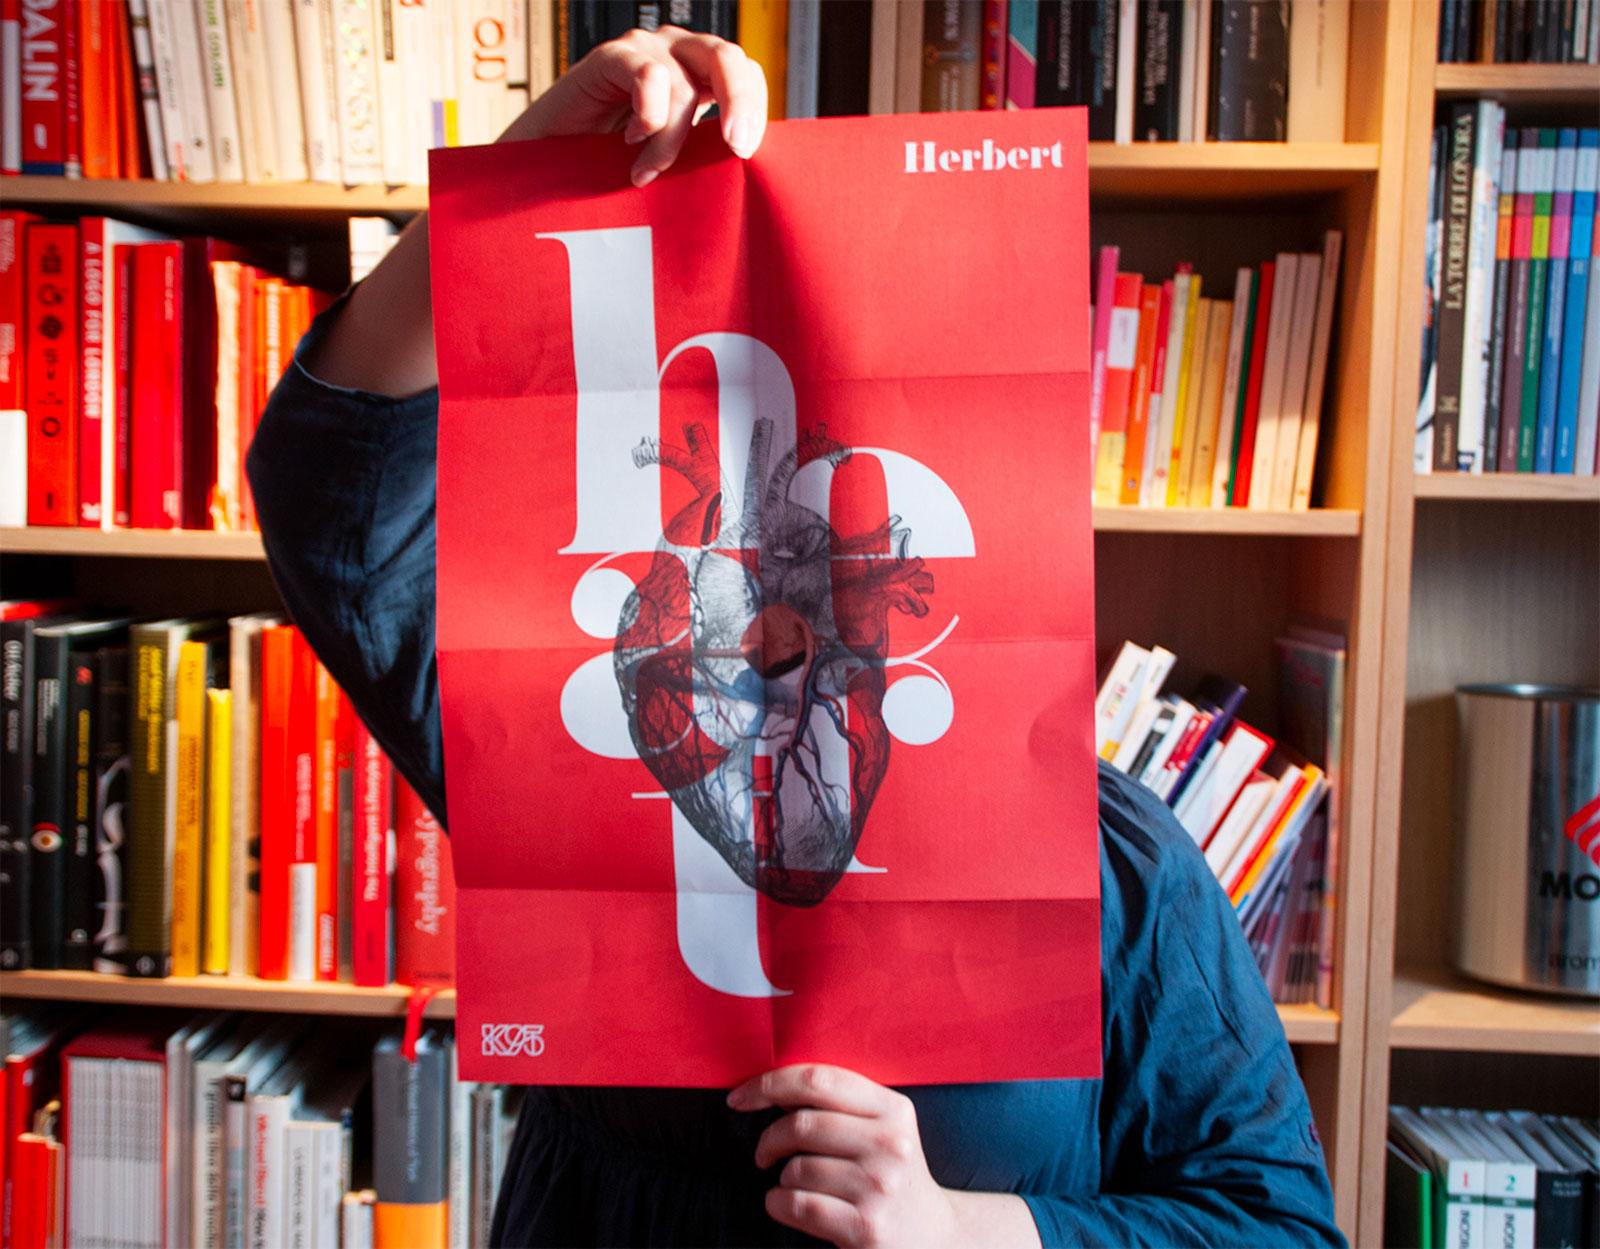 Herbert Typeface - Poster